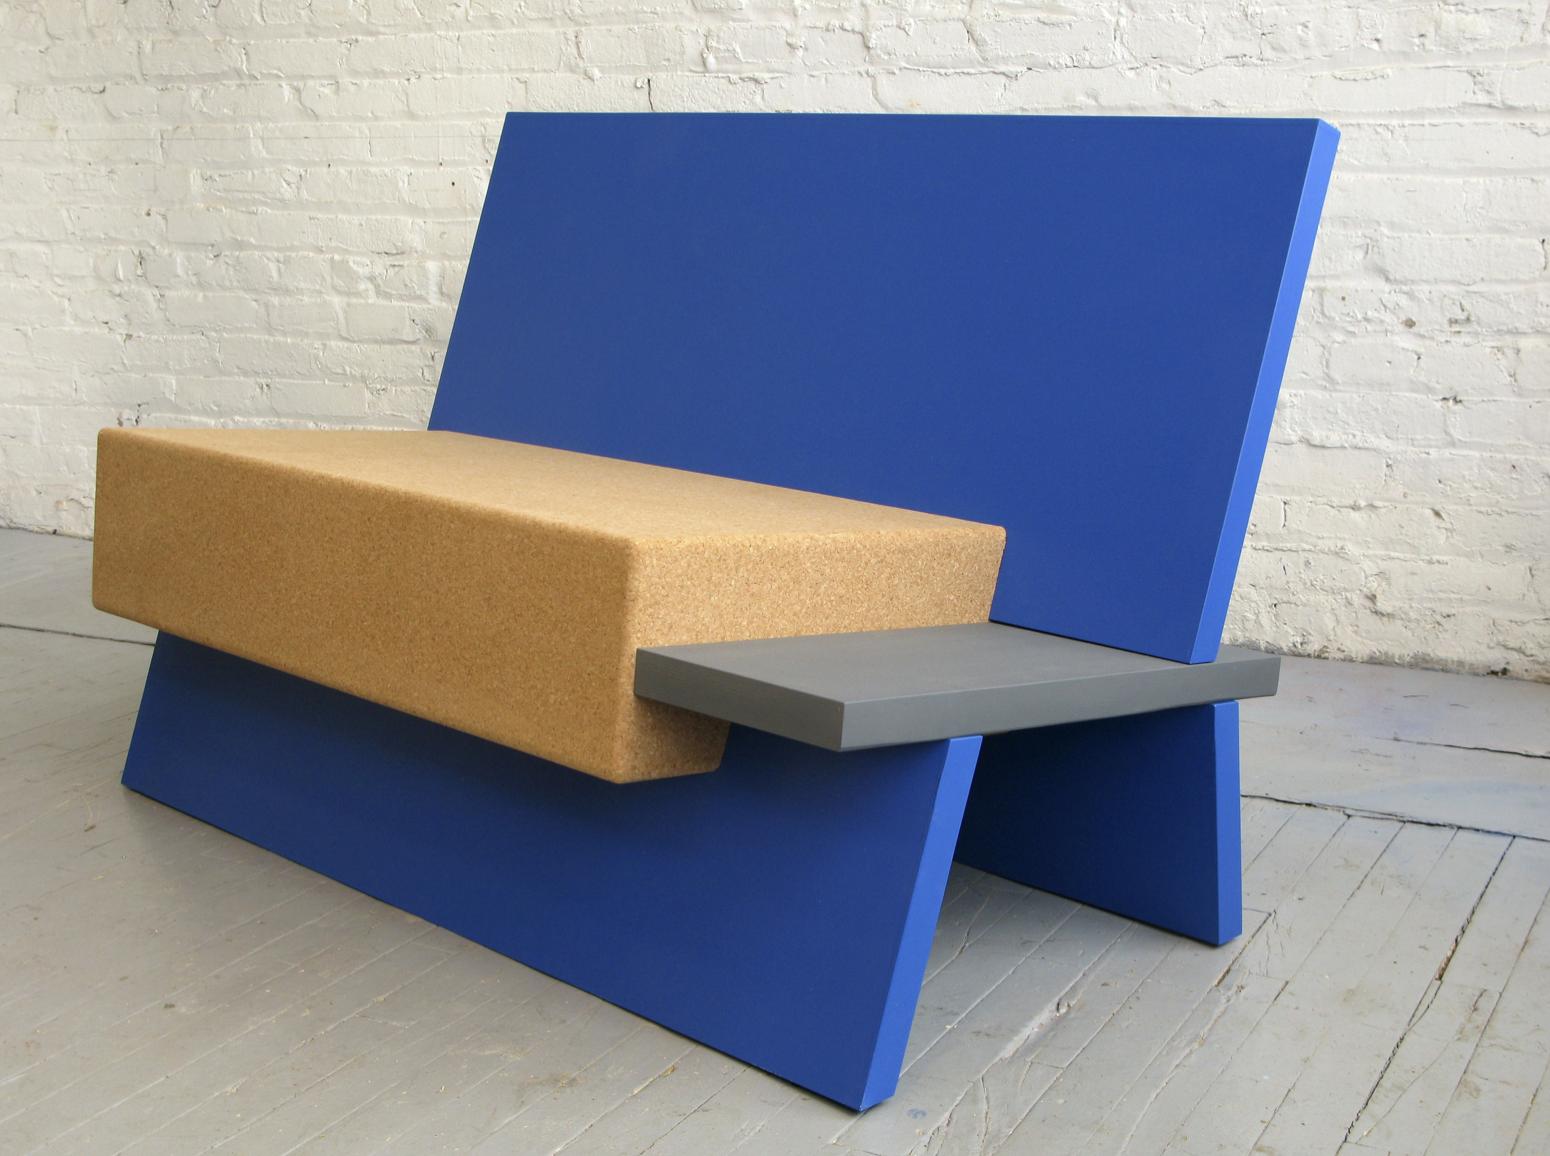 US furniture designer Daniel Michalik uses a lot of cork in his work